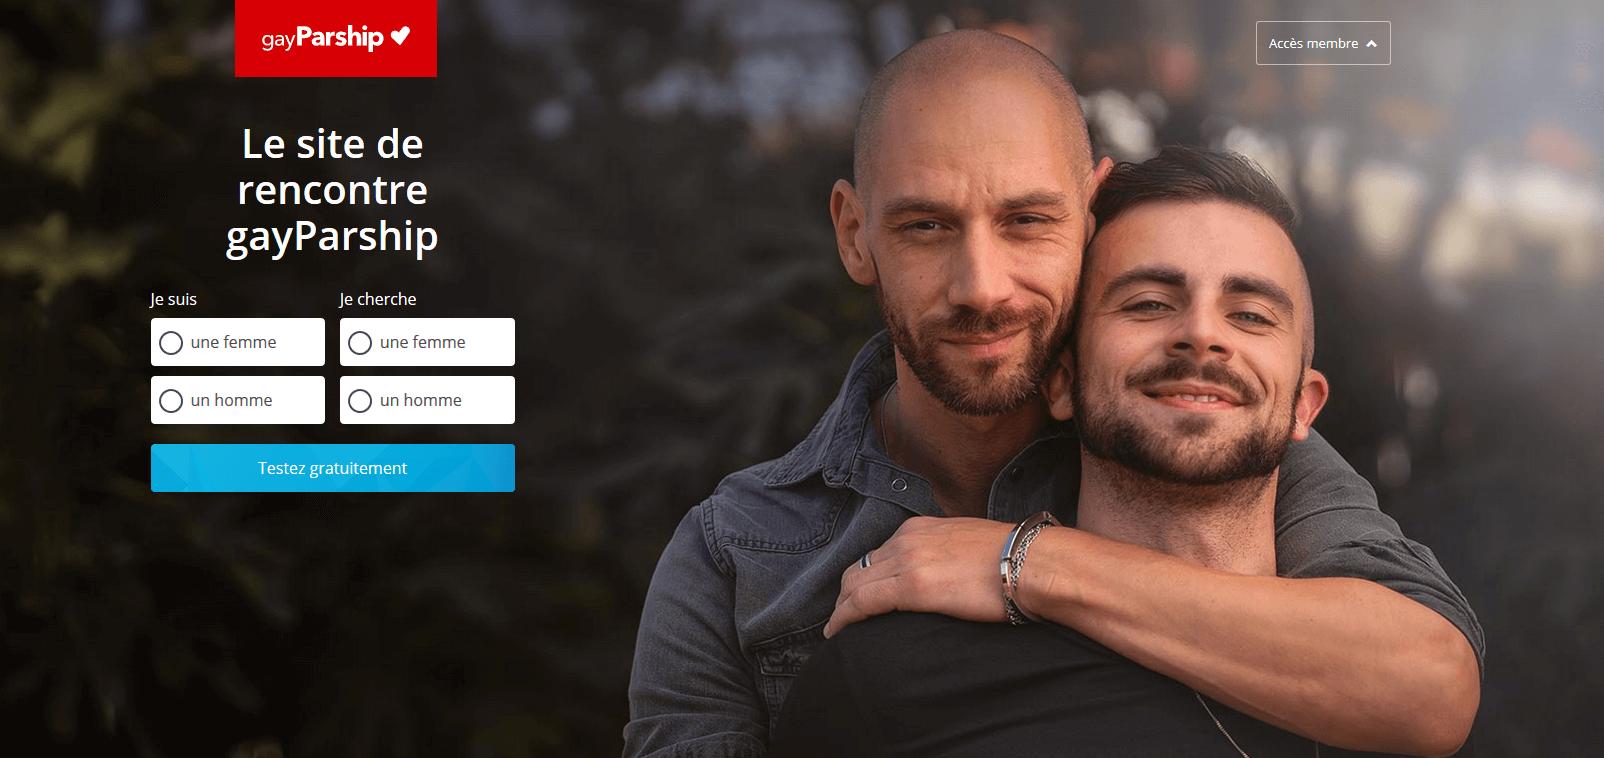 Gayparship accueil